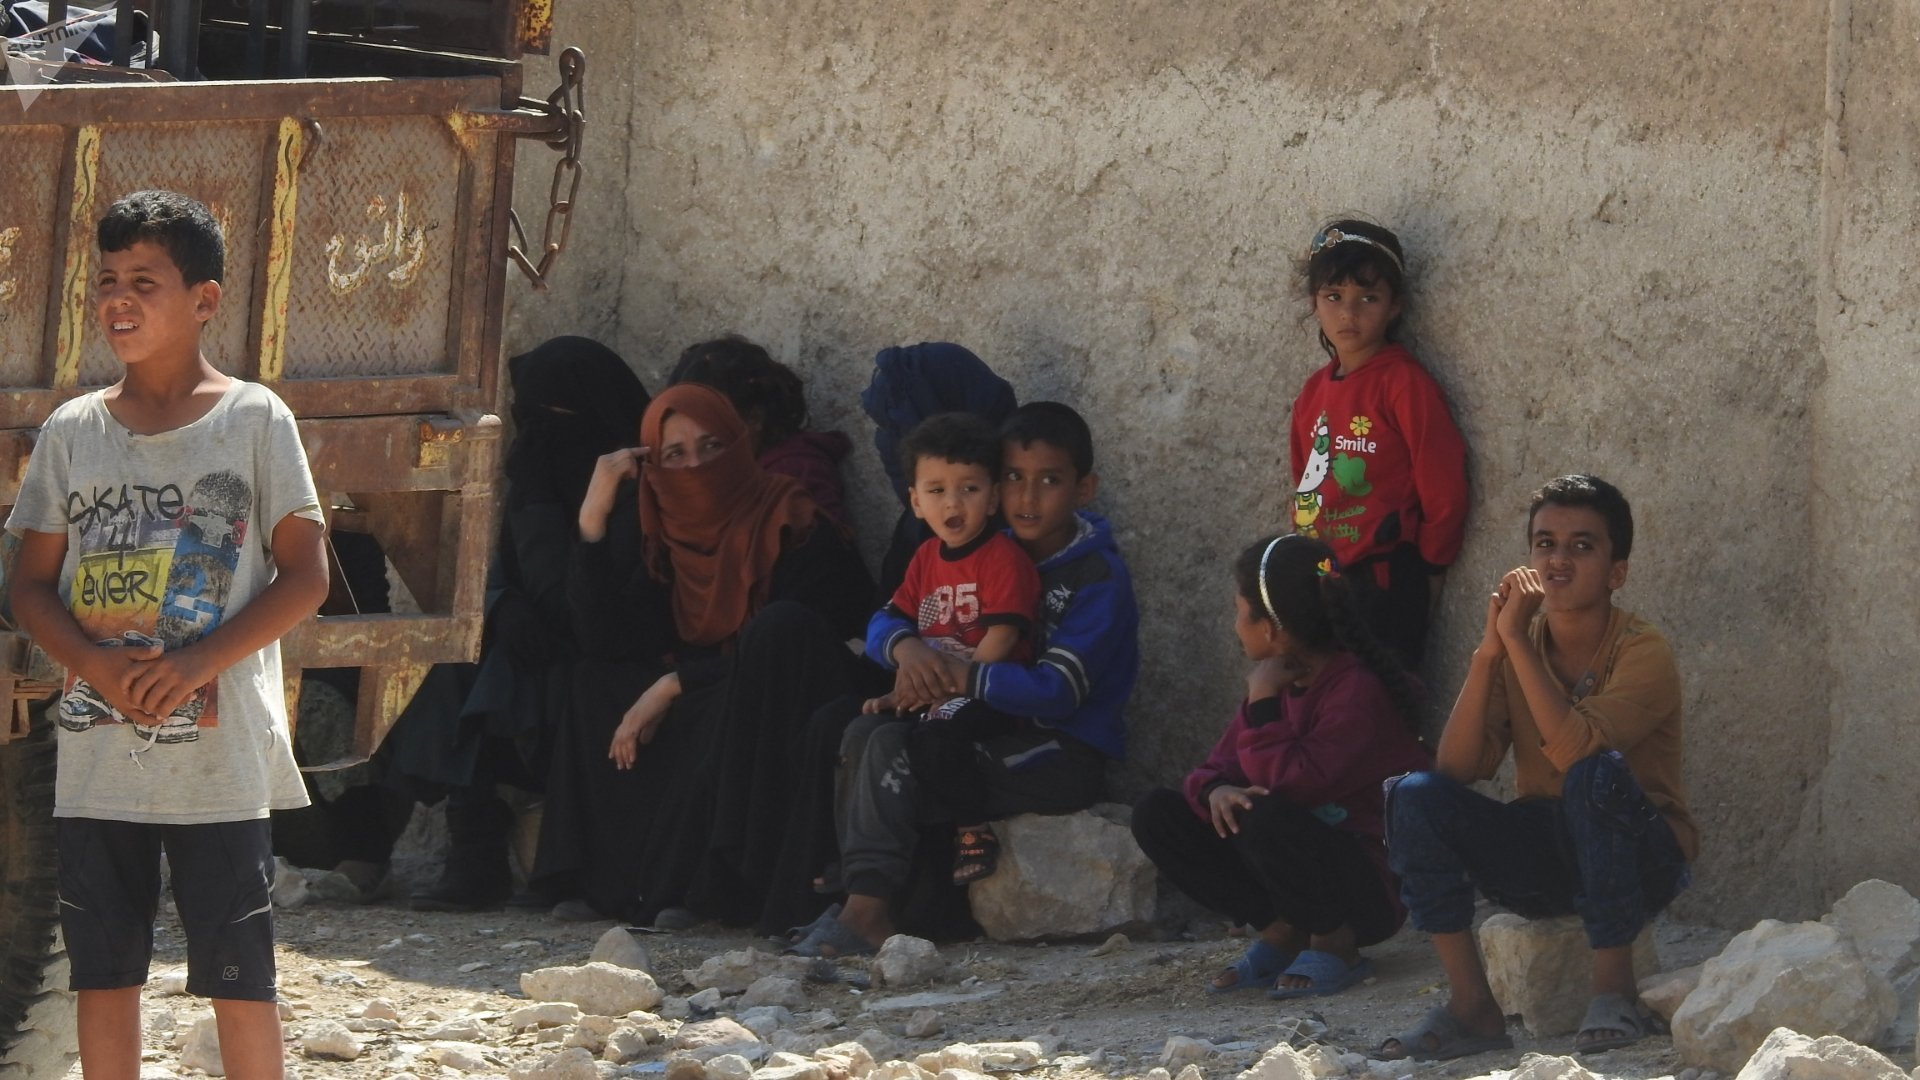 مدنيون سورين مهجرون بسبب التنظيمات الإرهابية وتصعيدها ضد الدولة السورية